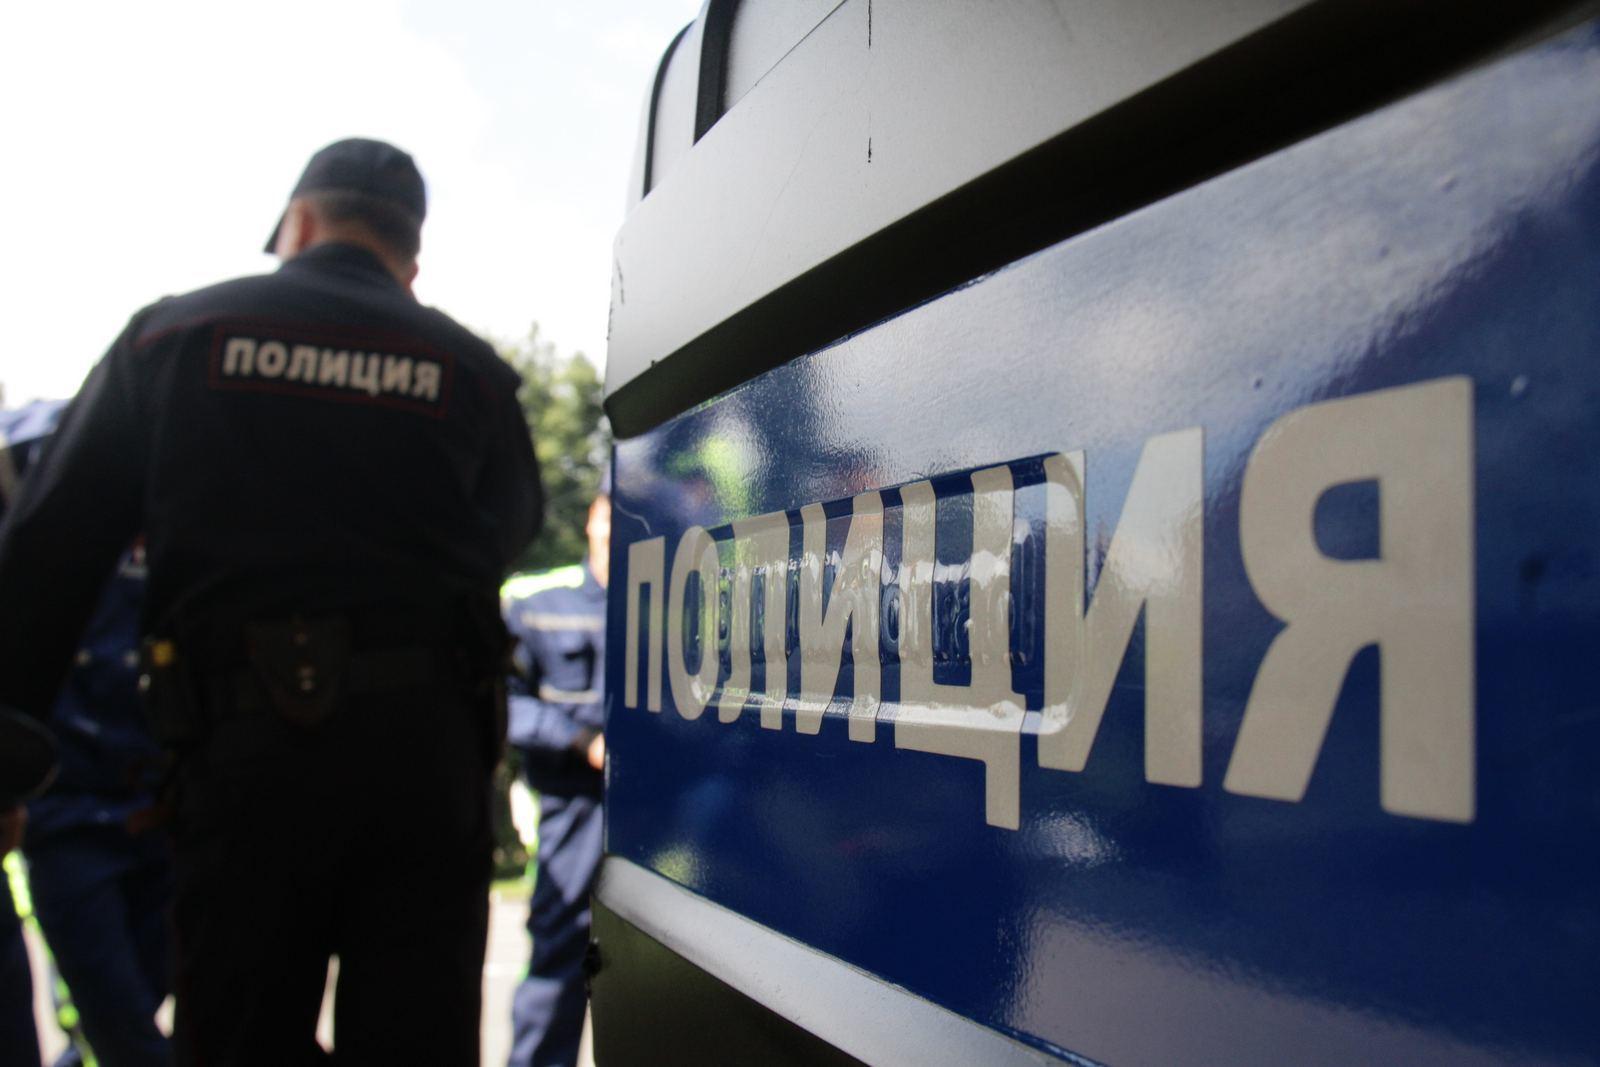 Три миллиона рублей похитили из иномарки на юго-западе Москвы, работает полиция